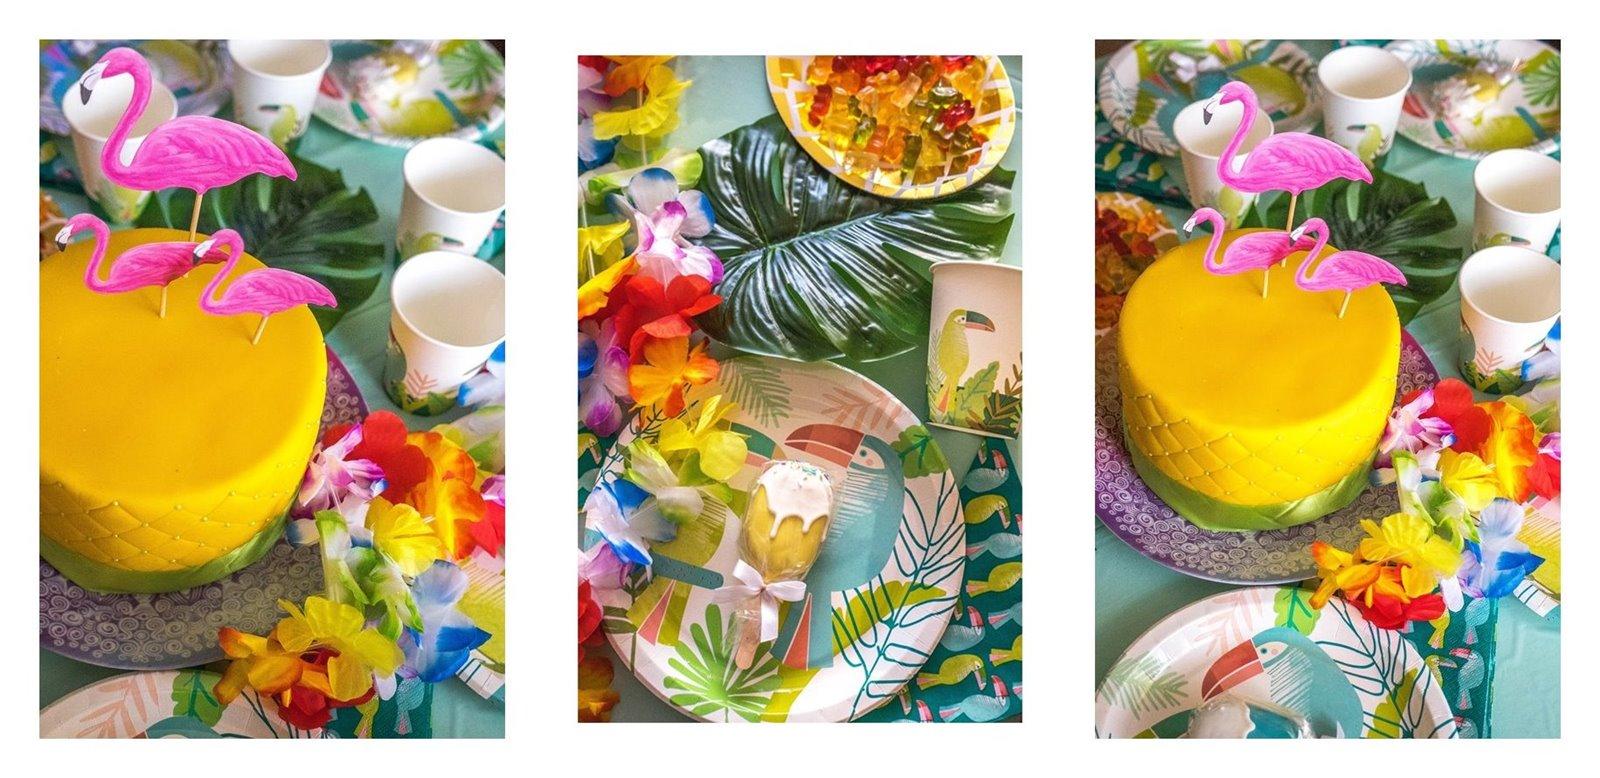 3a twój tort cake pops opinie jak smakuje recenzja czy dobre gdzie zamówić tort online nie dłodkie torty tęczowe wnętrze jak zamówić ile kosztuje cena blog urodziny dekoracje hawajskie